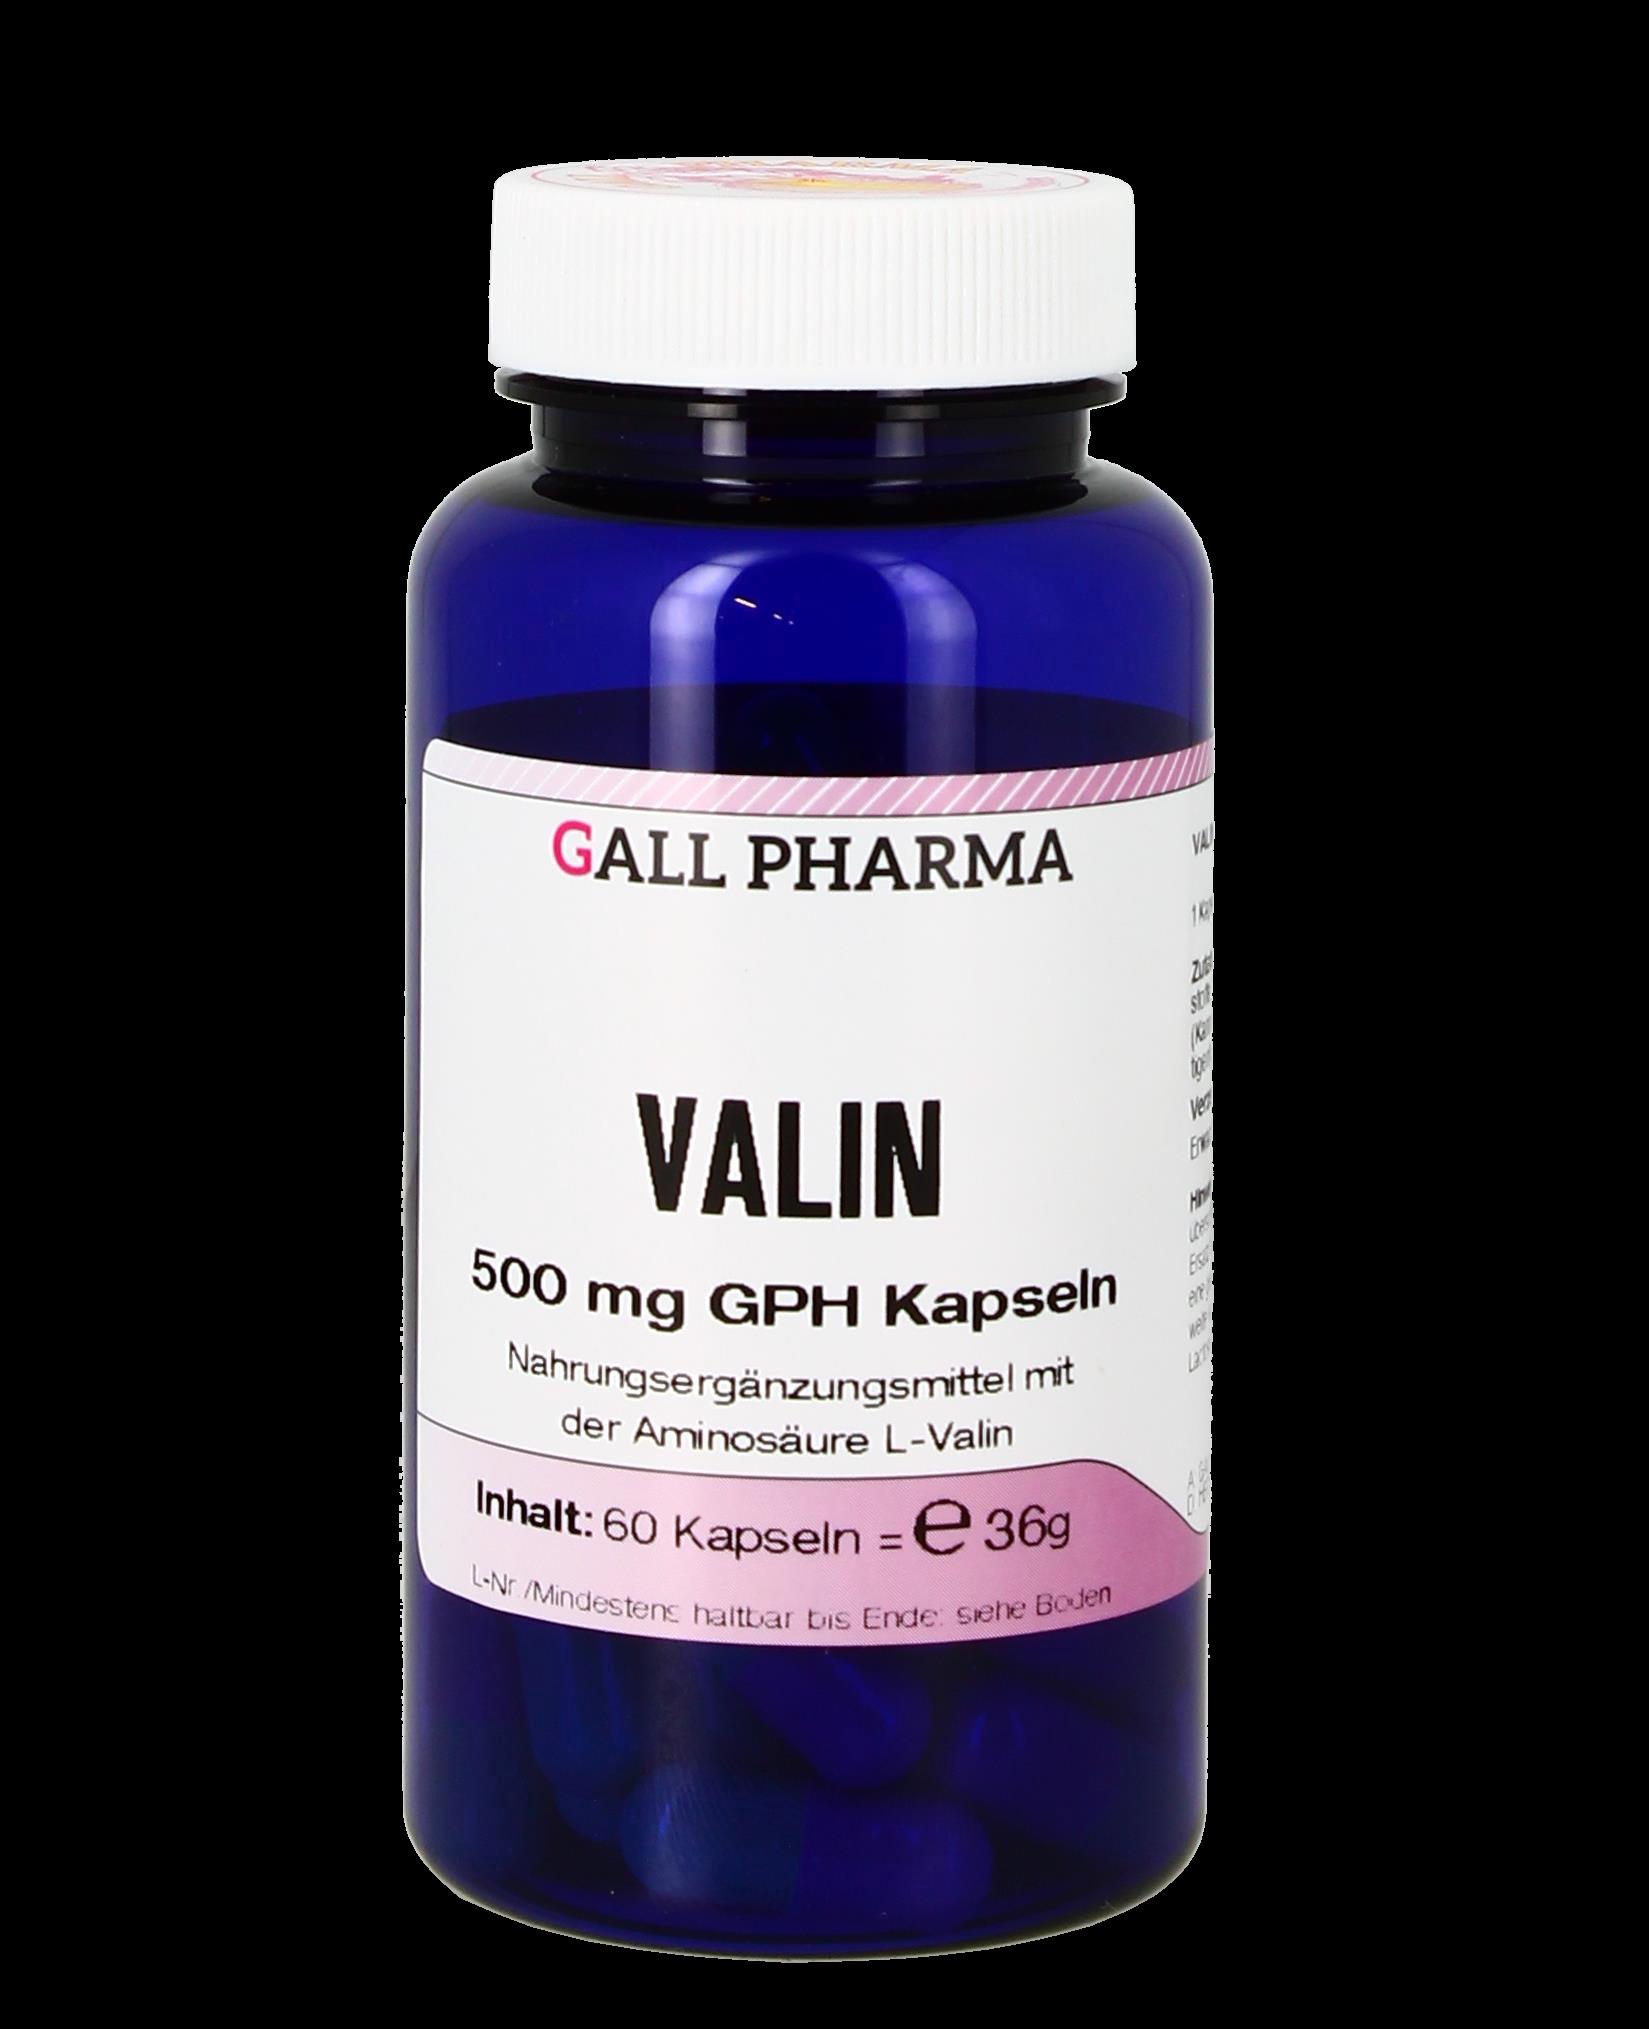 Valin 500 mg GPH Kapseln